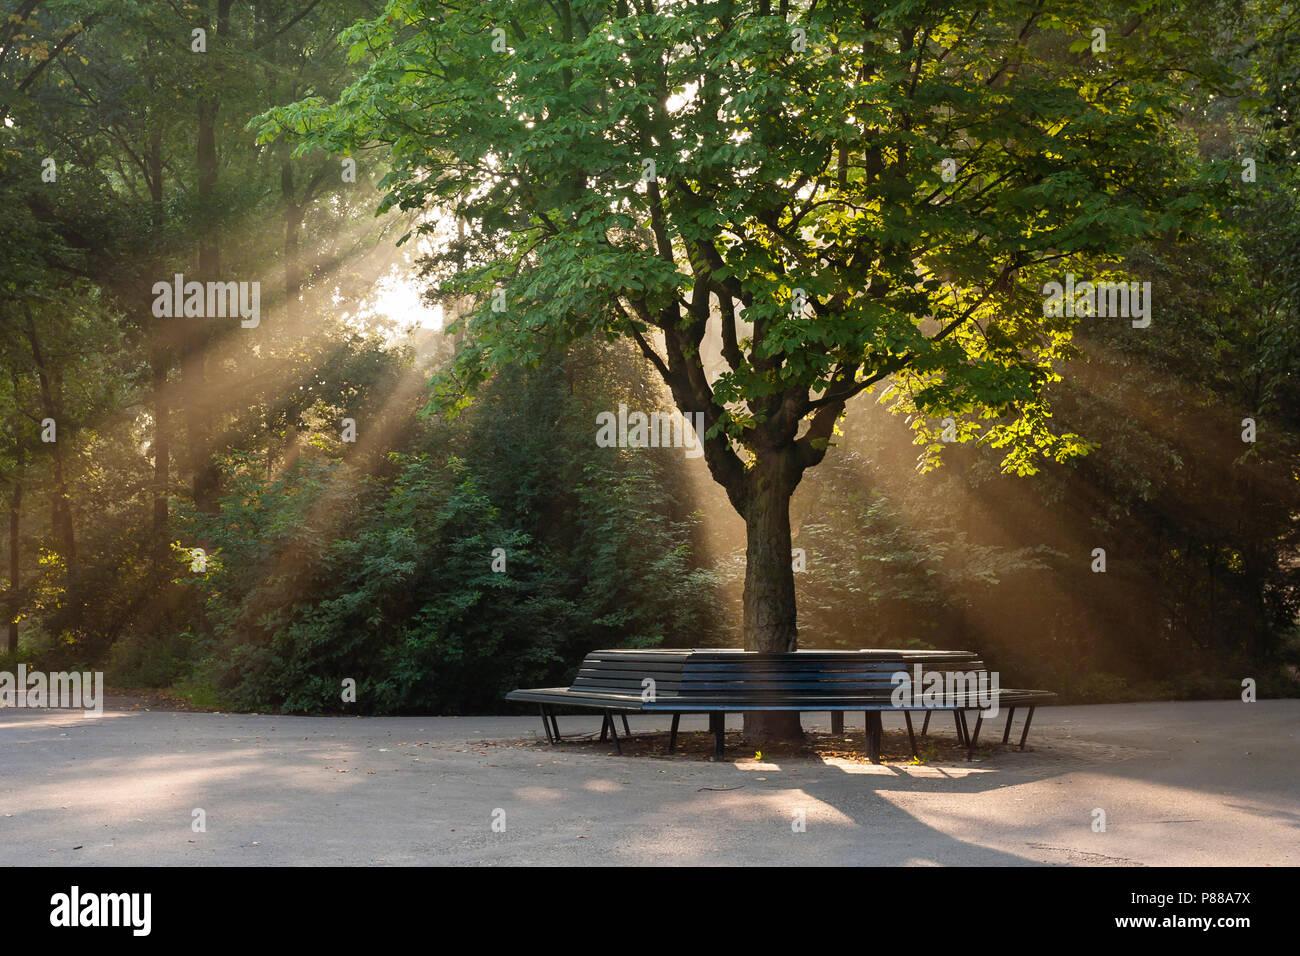 Zonneharp in park in de zomer; Solar Harp in park in summer - Stock Image